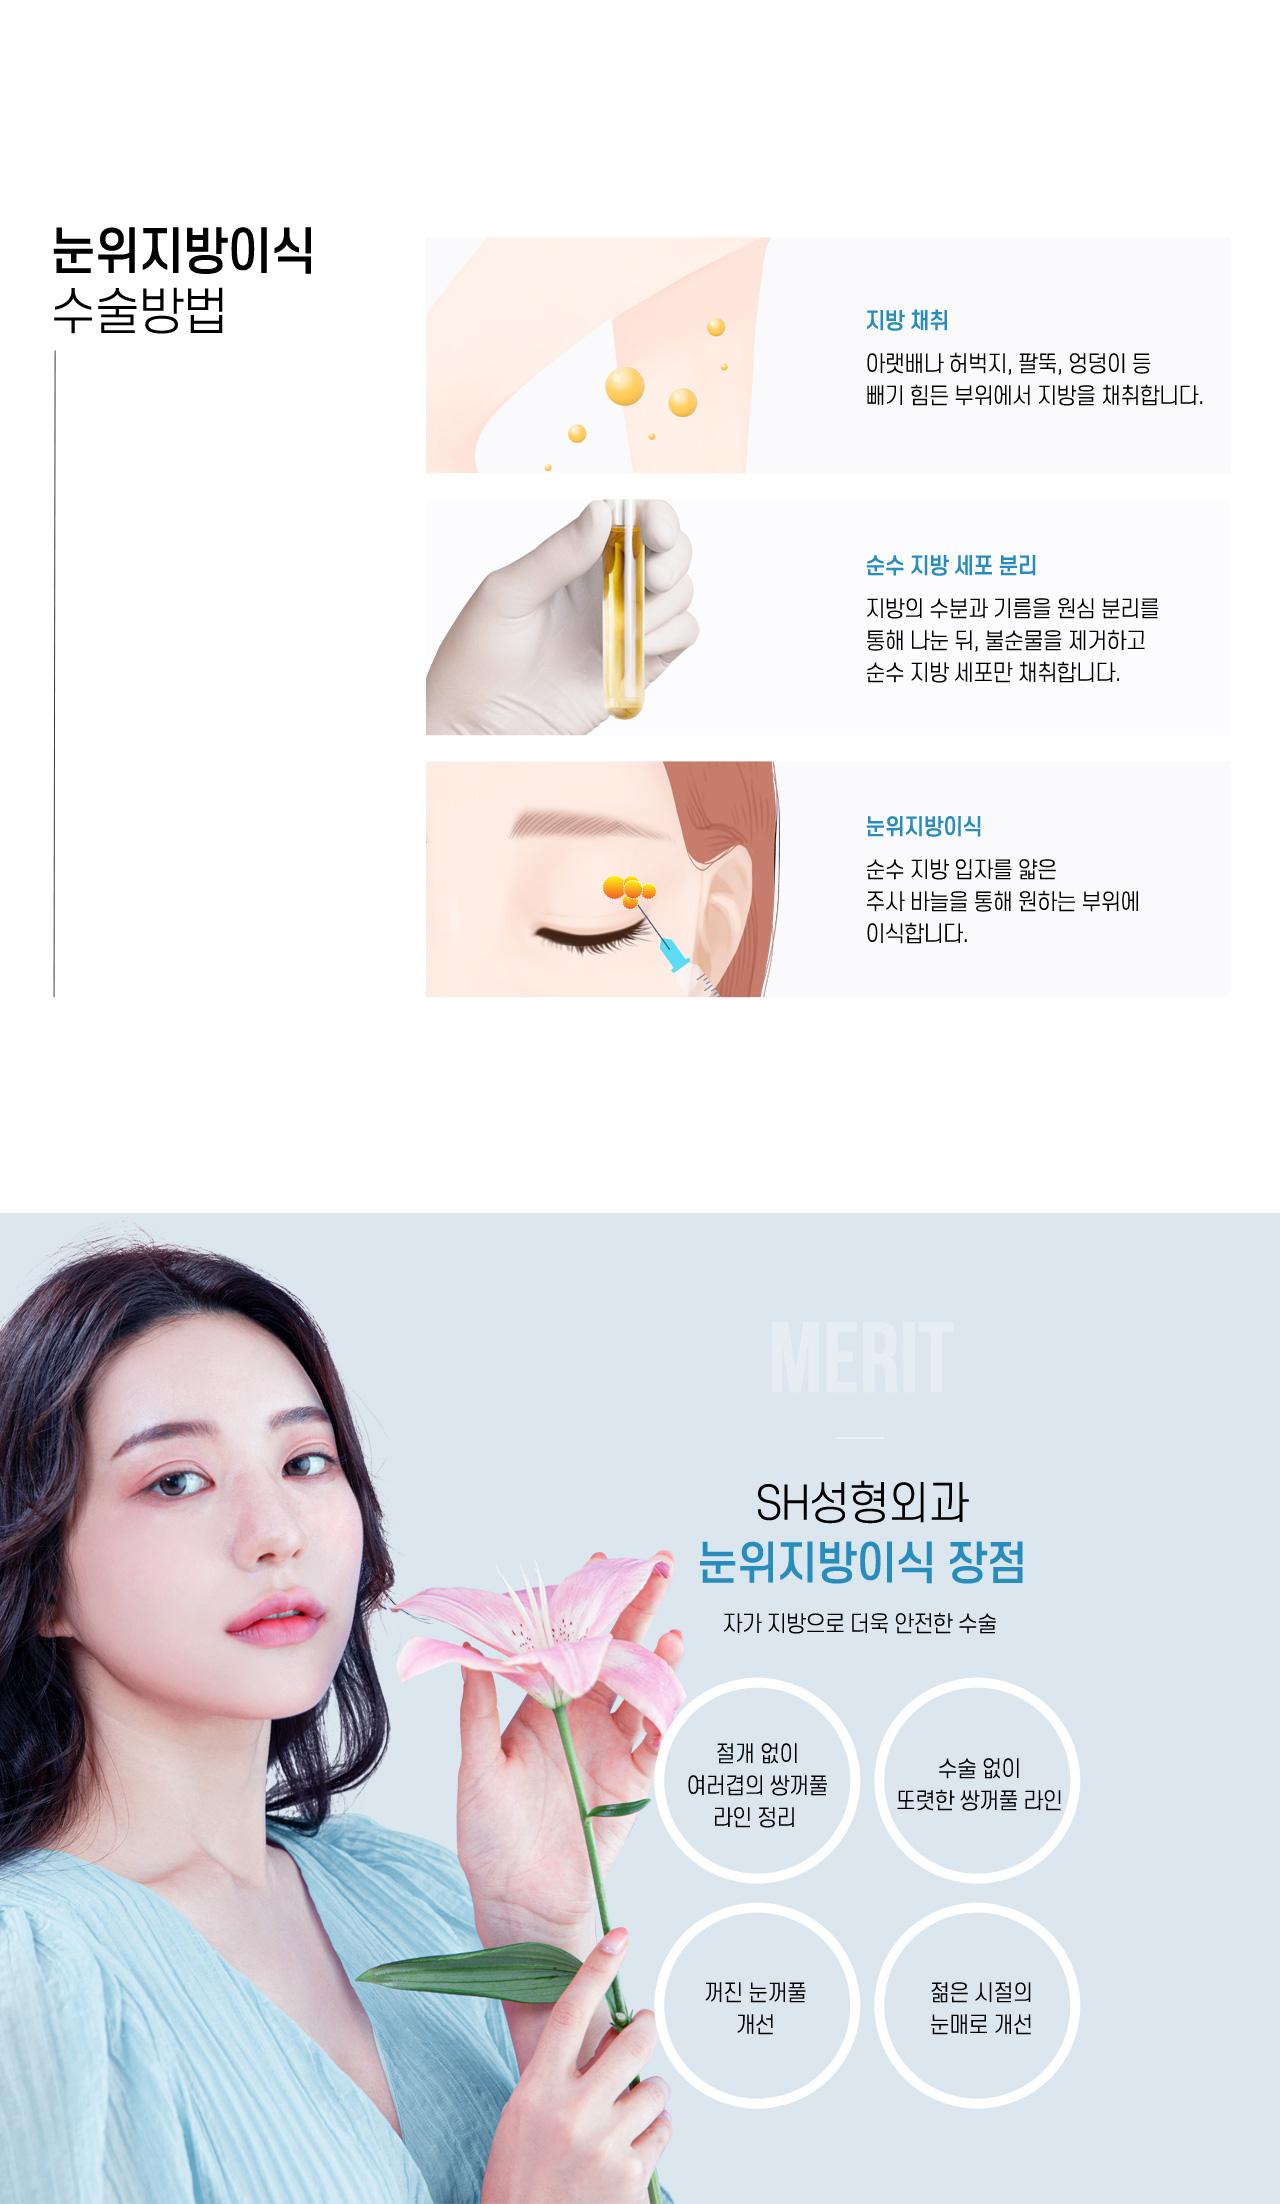 눈위지방이식 수술방법